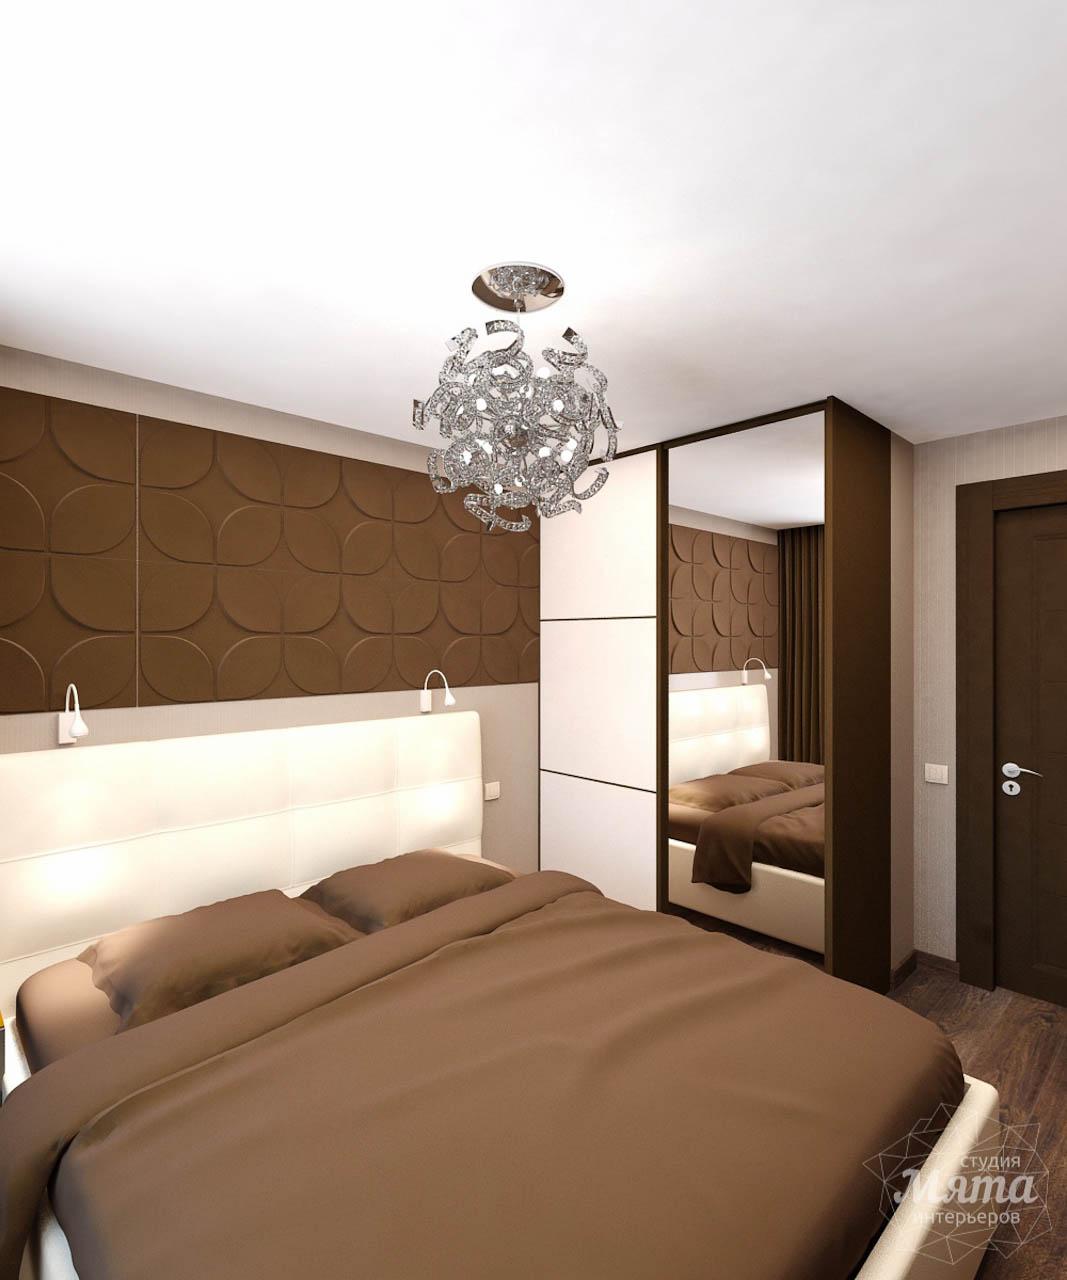 Дизайн интерьера двухкомнатной квартиры по ул. Бебеля 156 img1613357443